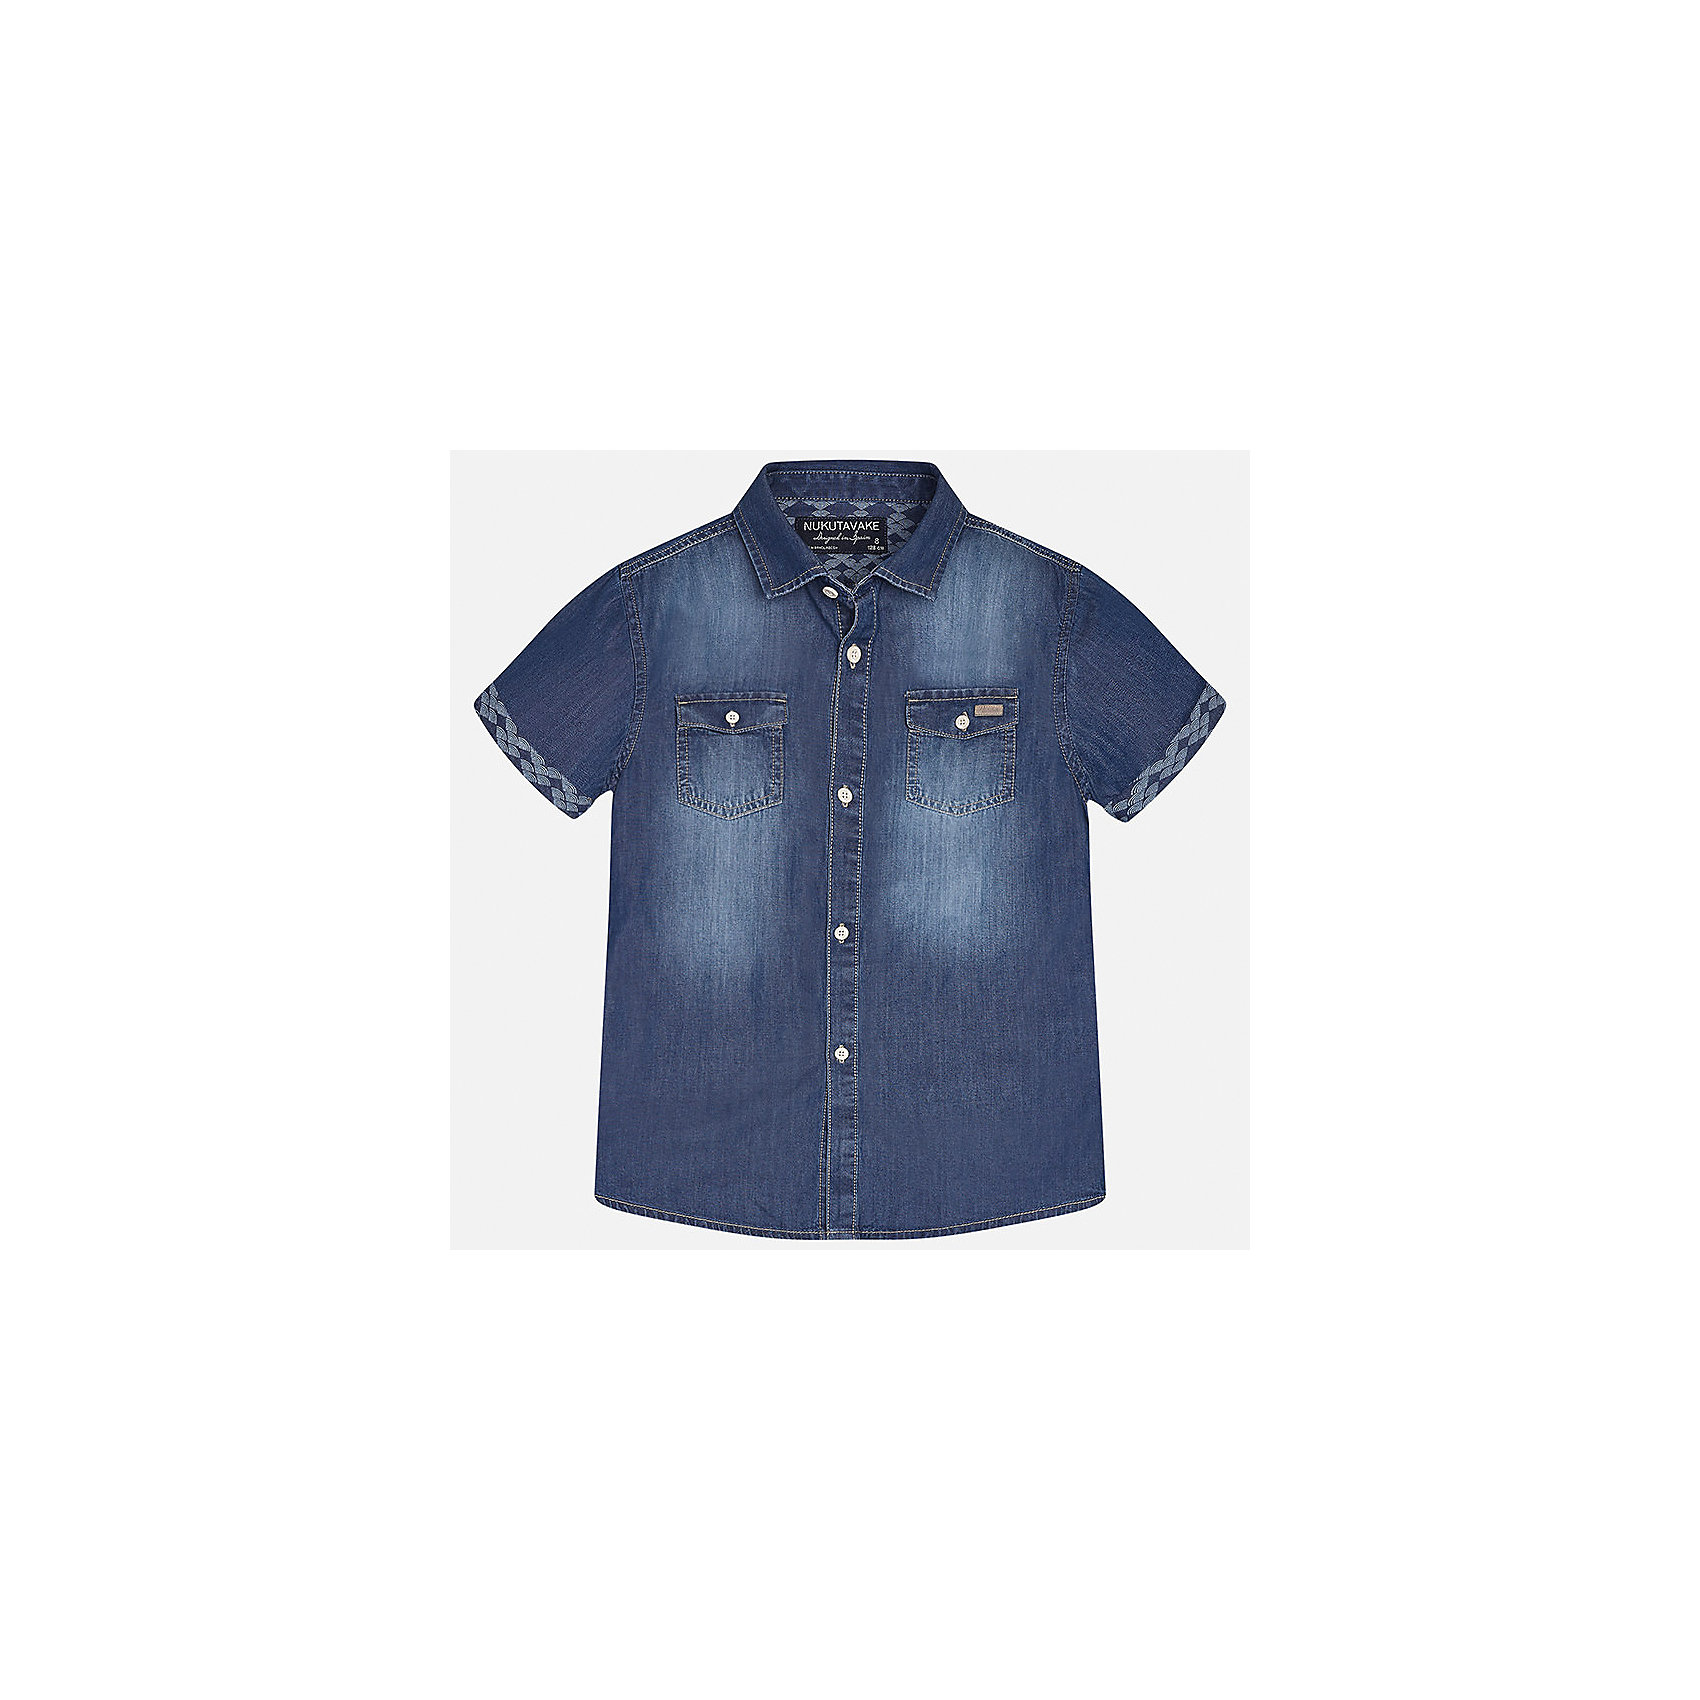 Рубашка джинсовая для мальчика MayoralХарактеристики товара:<br><br>• цвет: синий<br>• состав: 100% хлопок<br>• отложной воротник<br>• декорирована карманами на груди<br>• короткие рукава<br>• застежки: пуговицы<br>• страна бренда: Испания<br><br>Модная рубашка поможет разнообразить гардероб мальчика. Она отлично сочетается с брюками, шортами, джинсами. Универсальный крой и цвет позволяет подобрать к вещи низ разных расцветок. Практичное и стильное изделие! Хорошо смотрится и комфортно сидит на детях. В составе материала - только натуральный хлопок, гипоаллергенный, приятный на ощупь, дышащий. <br><br>Одежда, обувь и аксессуары от испанского бренда Mayoral полюбились детям и взрослым по всему миру. Модели этой марки - стильные и удобные. Для их производства используются только безопасные, качественные материалы и фурнитура. Порадуйте ребенка модными и красивыми вещами от Mayoral! <br><br>Рубашку для мальчика от испанского бренда Mayoral (Майорал) можно купить в нашем интернет-магазине.<br><br>Ширина мм: 174<br>Глубина мм: 10<br>Высота мм: 169<br>Вес г: 157<br>Цвет: синий<br>Возраст от месяцев: 84<br>Возраст до месяцев: 96<br>Пол: Мужской<br>Возраст: Детский<br>Размер: 128/134,170,164,158,152,140<br>SKU: 5281610